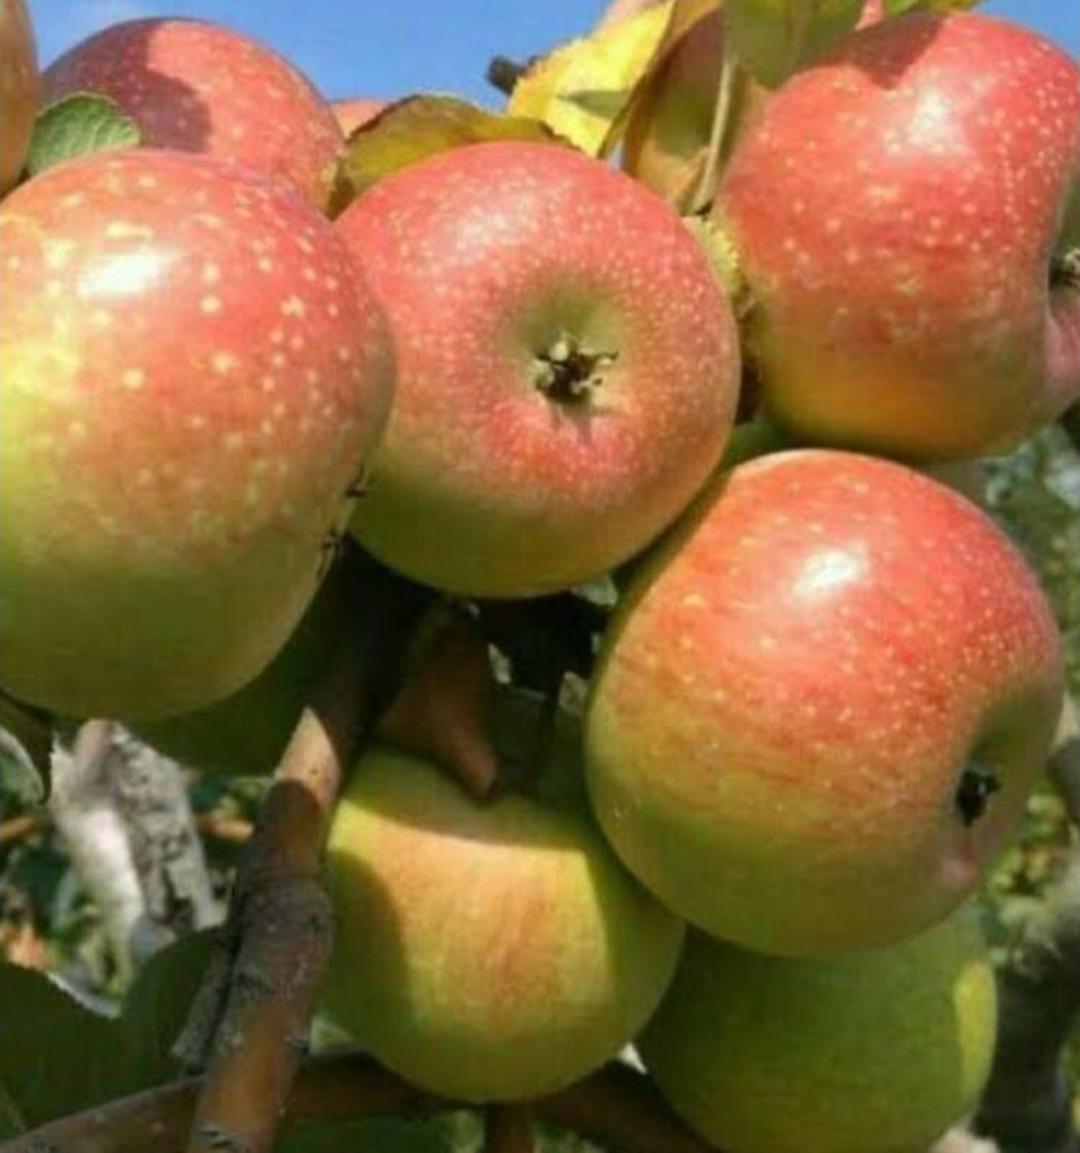 Stok banyak! bibit tanaman buah apel malang manalagi hasil okulasi cepat berbuah Kota Kediri #jual bibit buah genjah